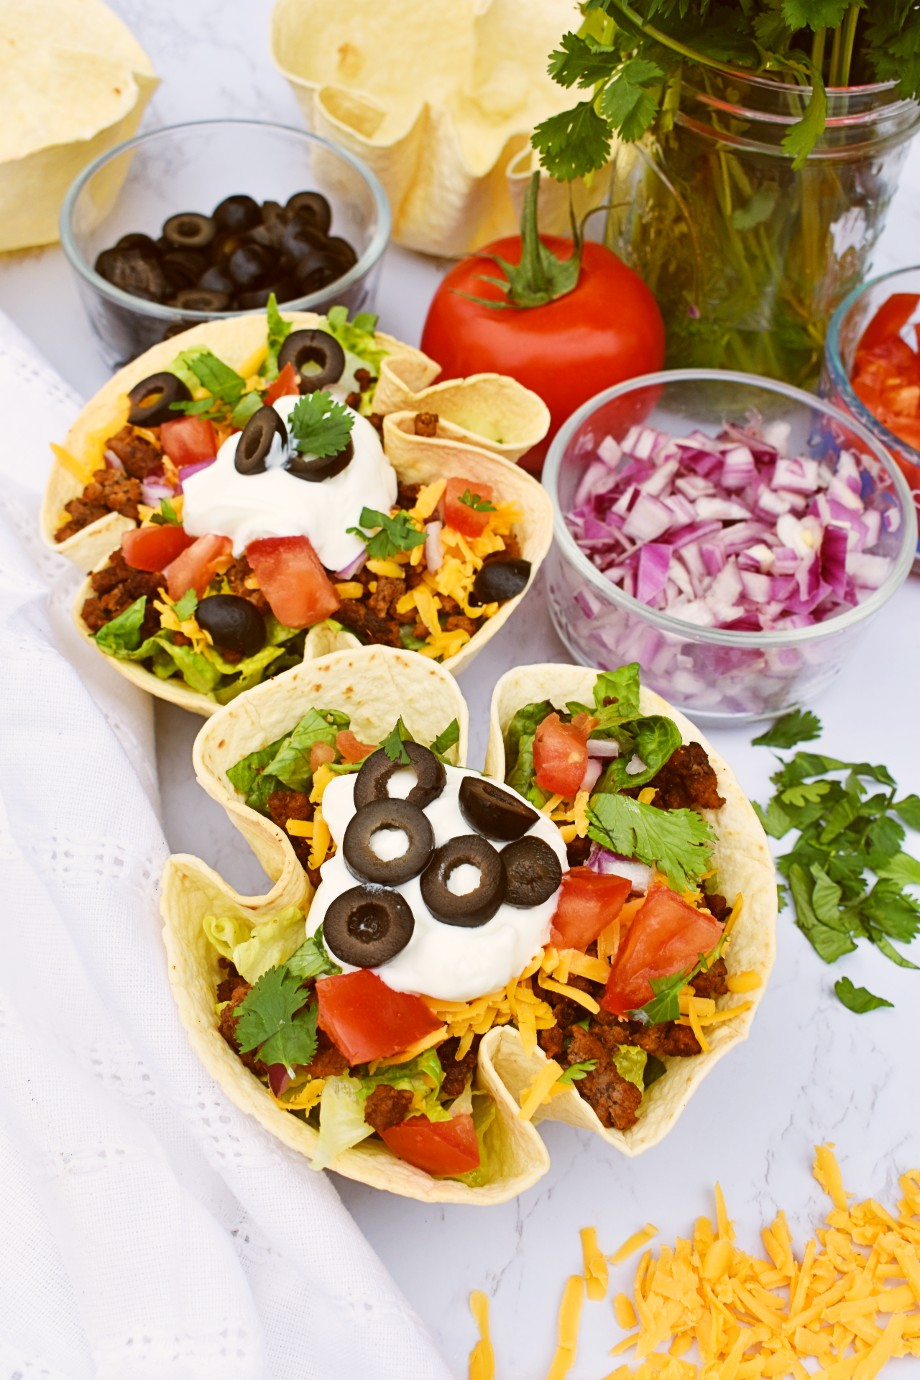 Taco Salad with Baked Tortilla Bowls